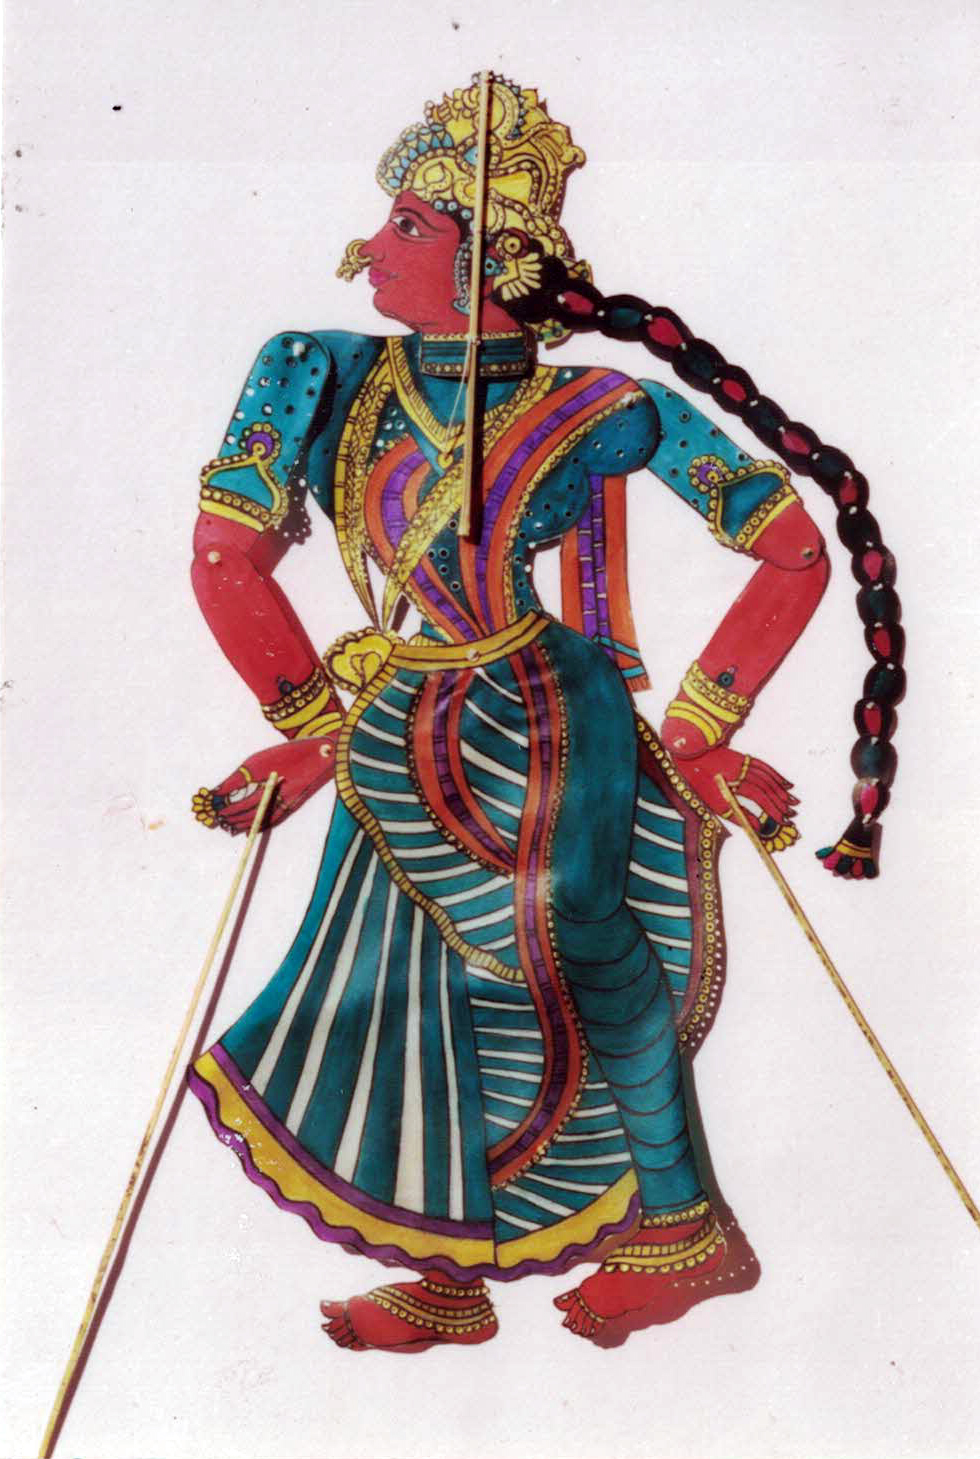 Kaikeyi, la deuxième épouse du roi Dasharatha, le père de Râma, un personnage du Râmâyana créé par le marionnettiste contemporain Mahipat Kavi de Puppets & Plays (Ahmedabad, Gujarat, Inde)